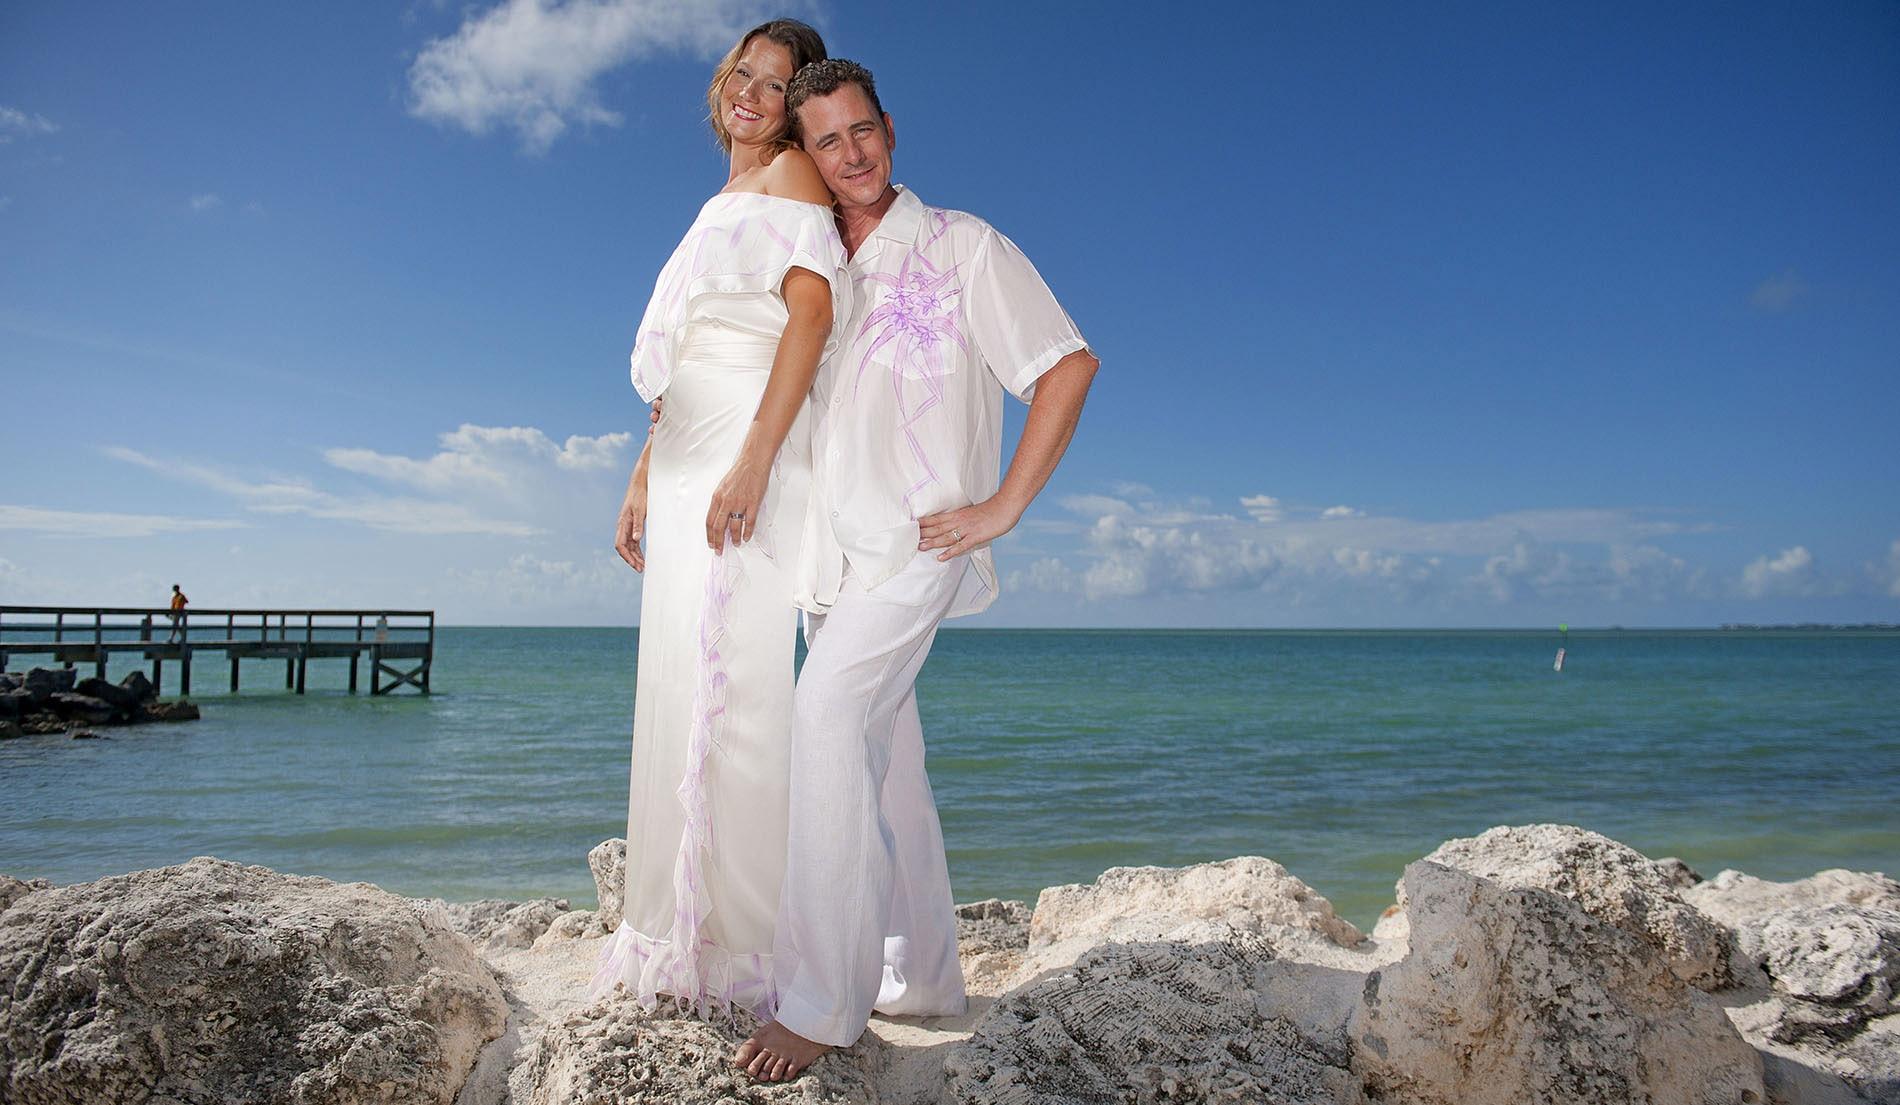 LOOK 2 with bride